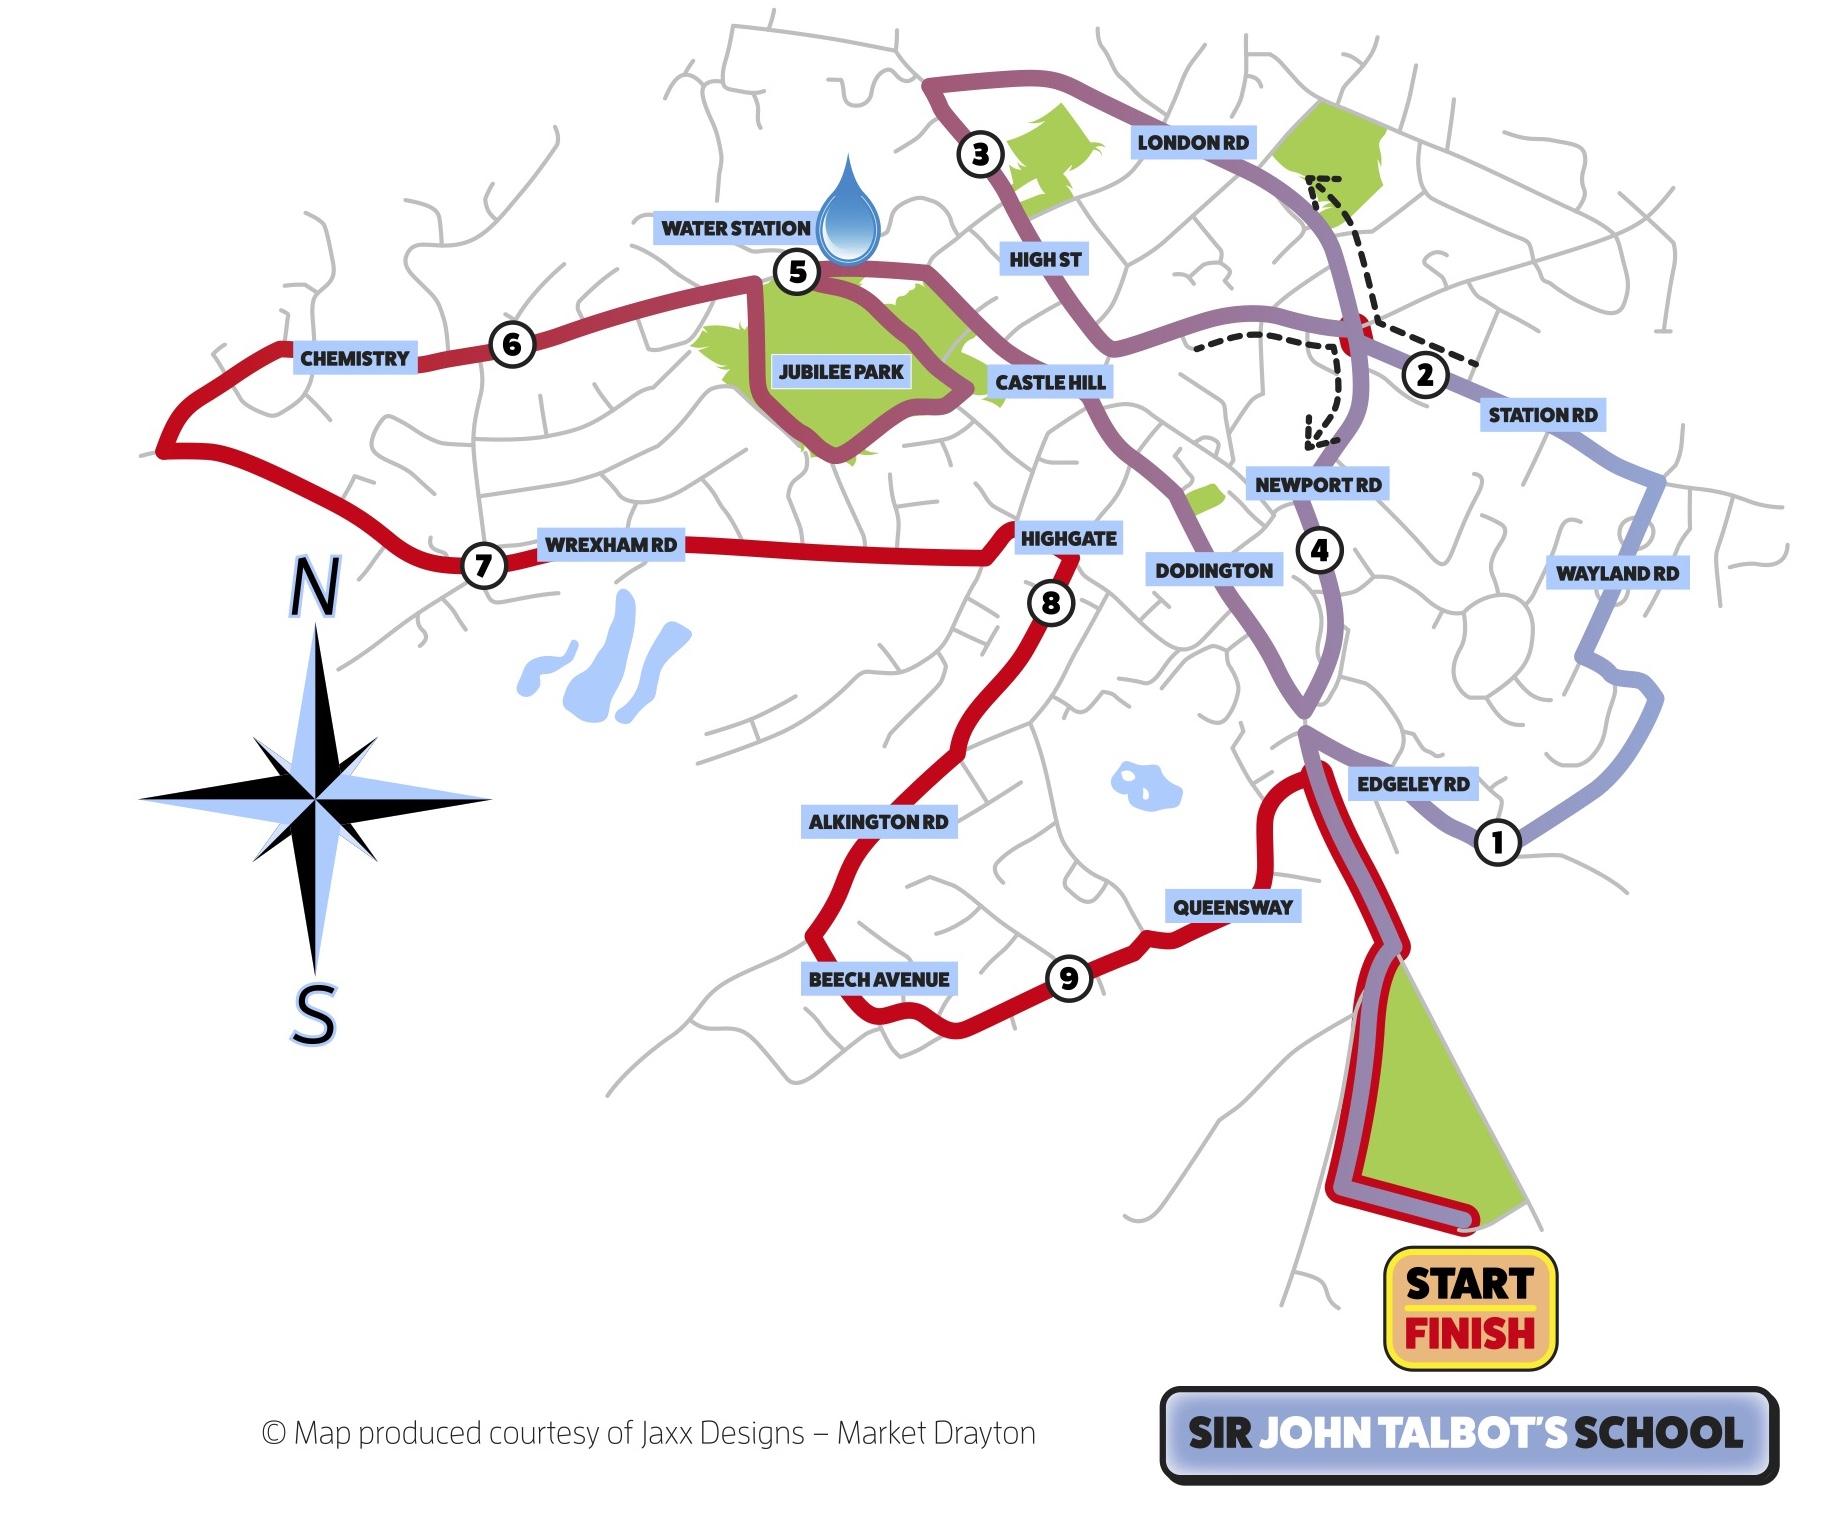 SJT Whitchurch (Shropshire) 10K